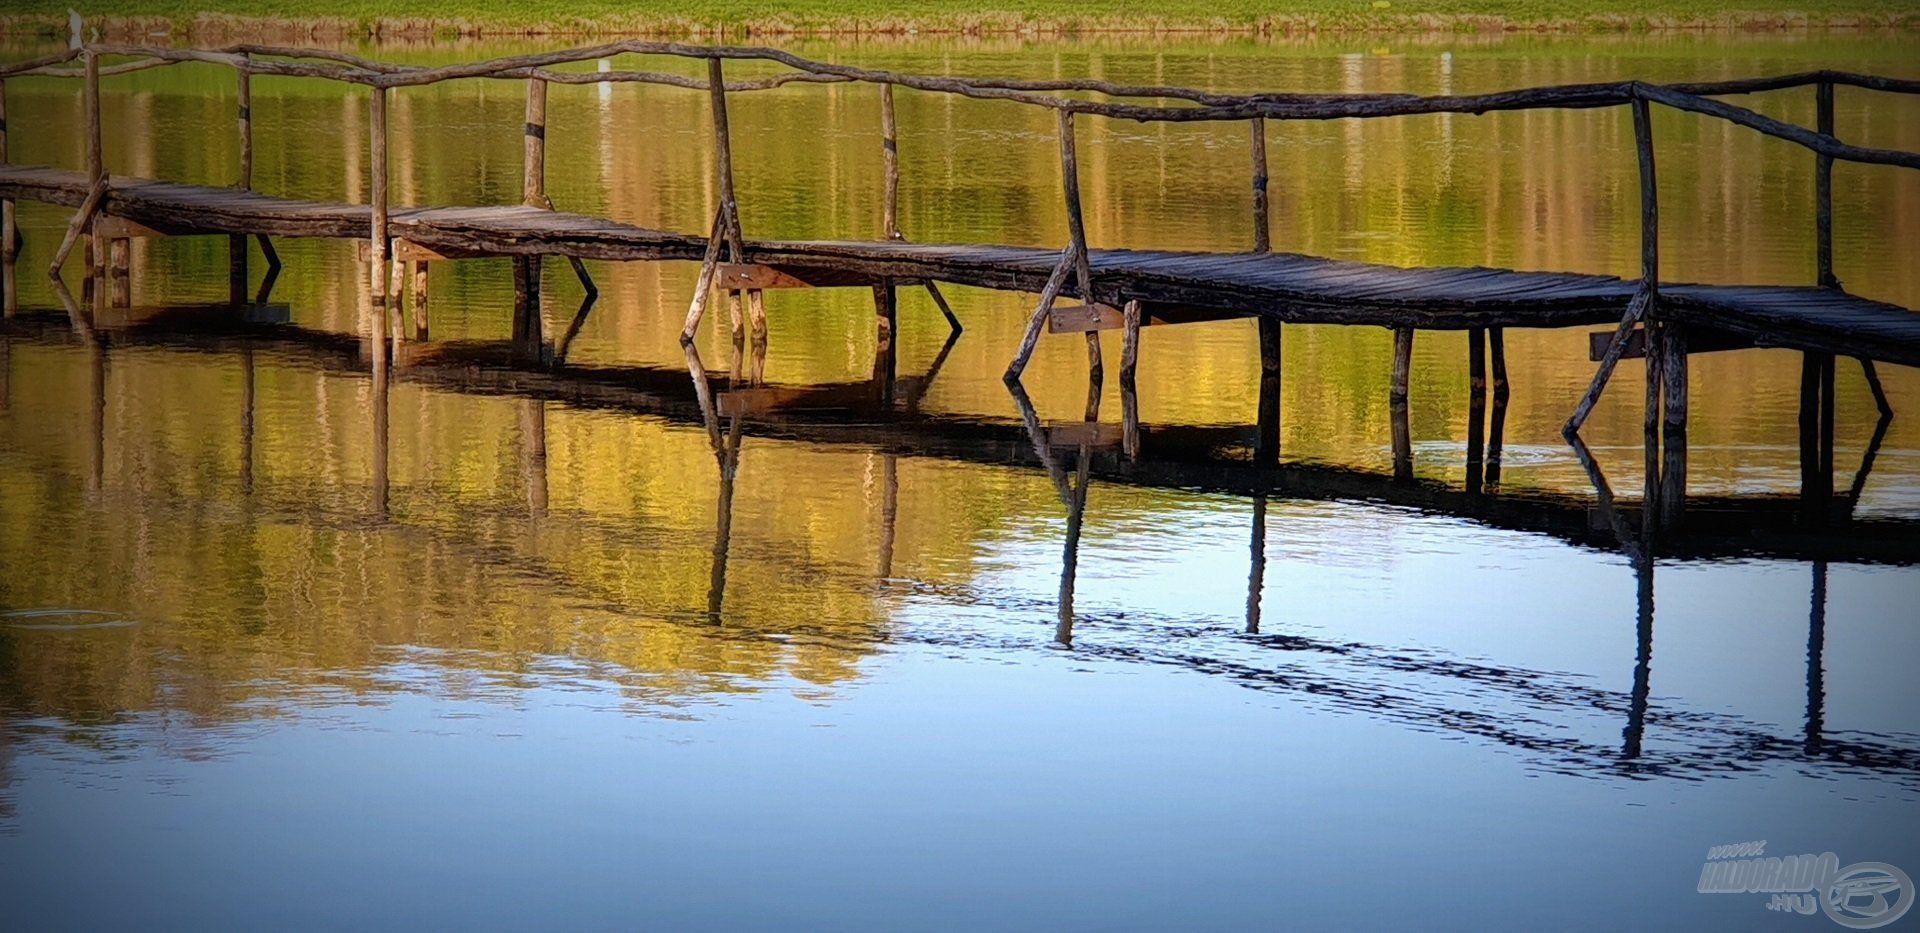 A tavat átszelő fahíd tartólábait a jó erőben lévő, termetesebb halak gyakran igyekeznek célba venni